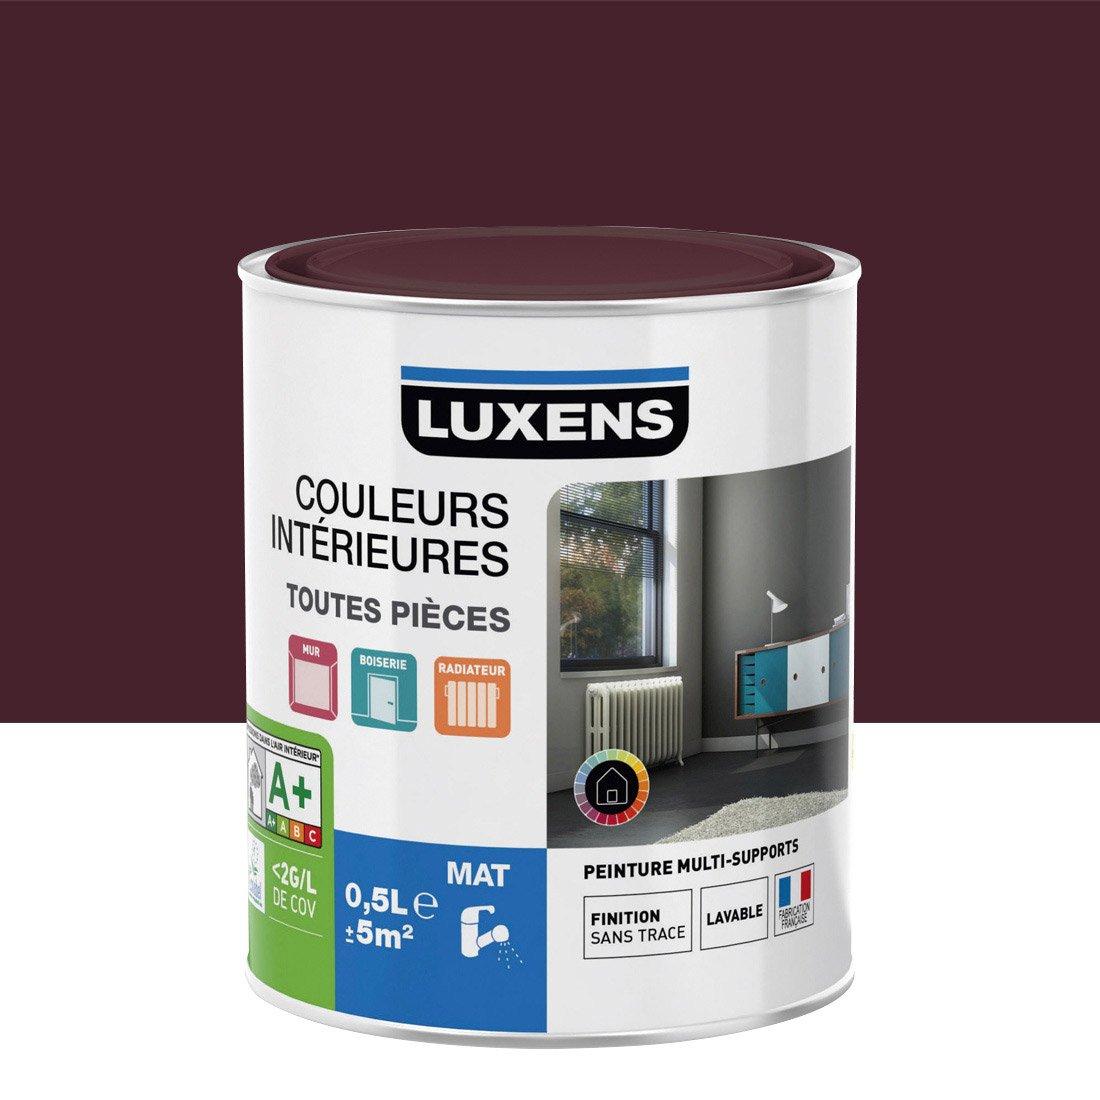 peinture rouge gourmand 1 mat luxens couleurs intrieures mat 05 l